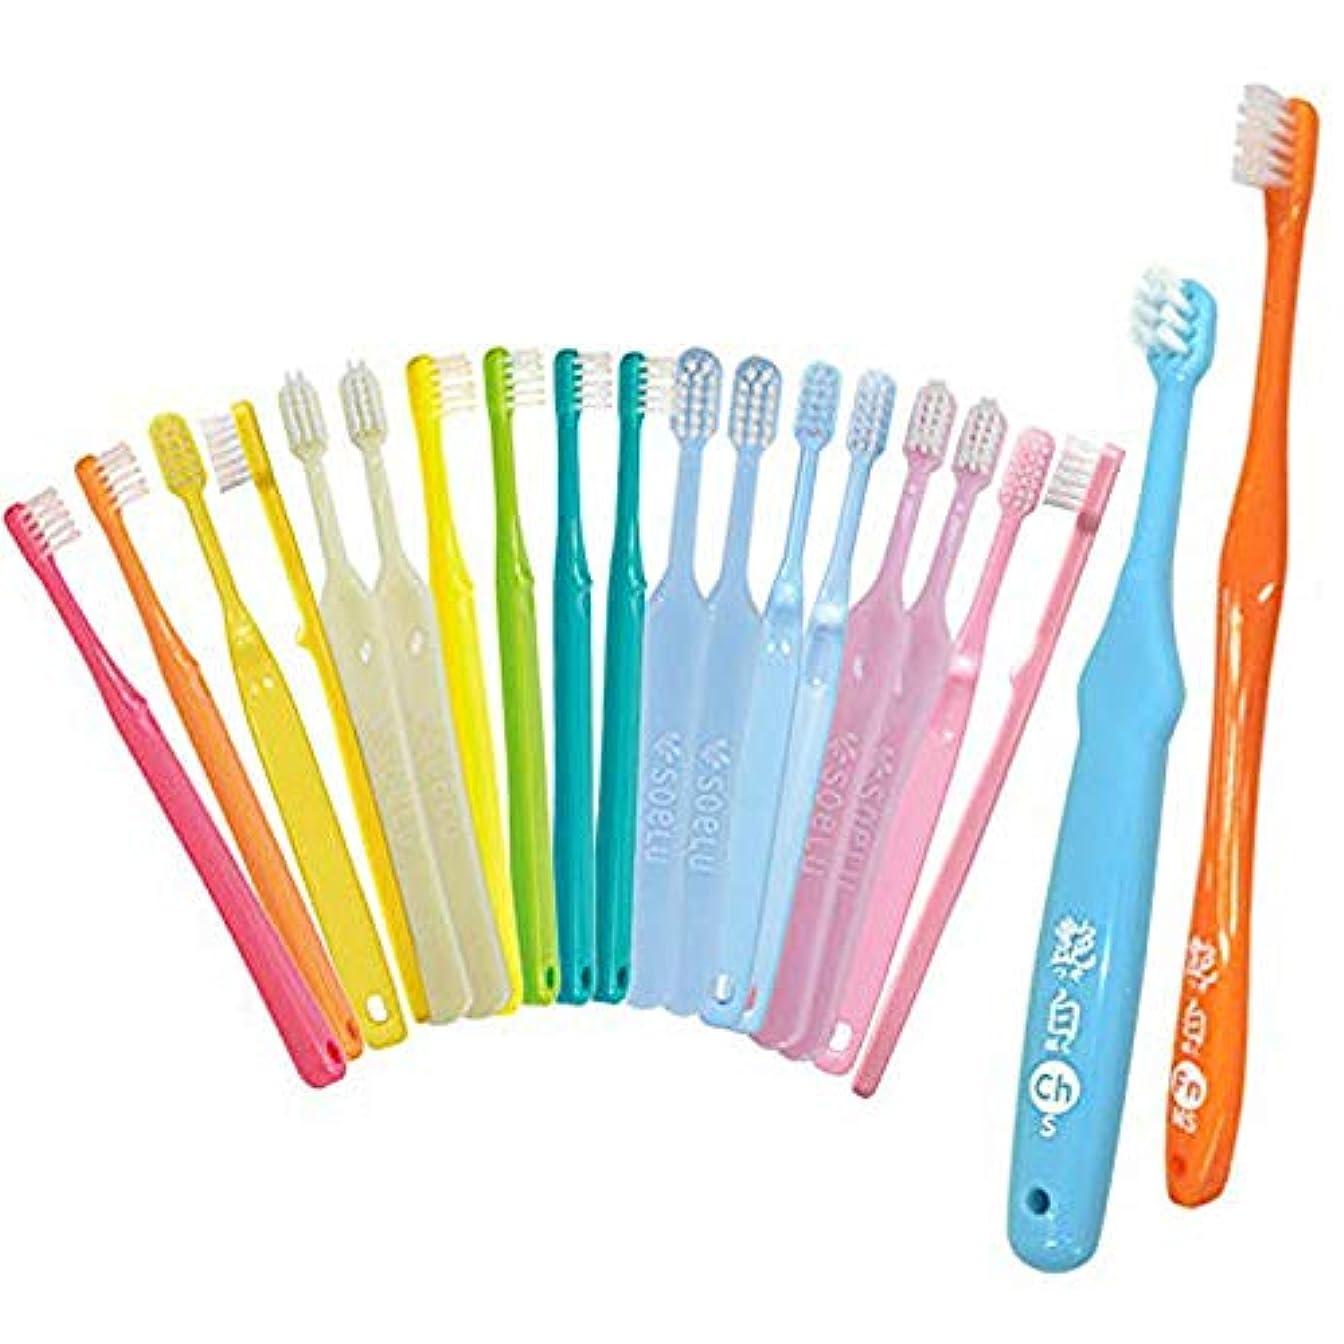 等々しおれた試みる【歯科医院取扱品】 子供用歯ブラシ 福袋 × 20本 チャイルド 対象年齢:3歳~6歳